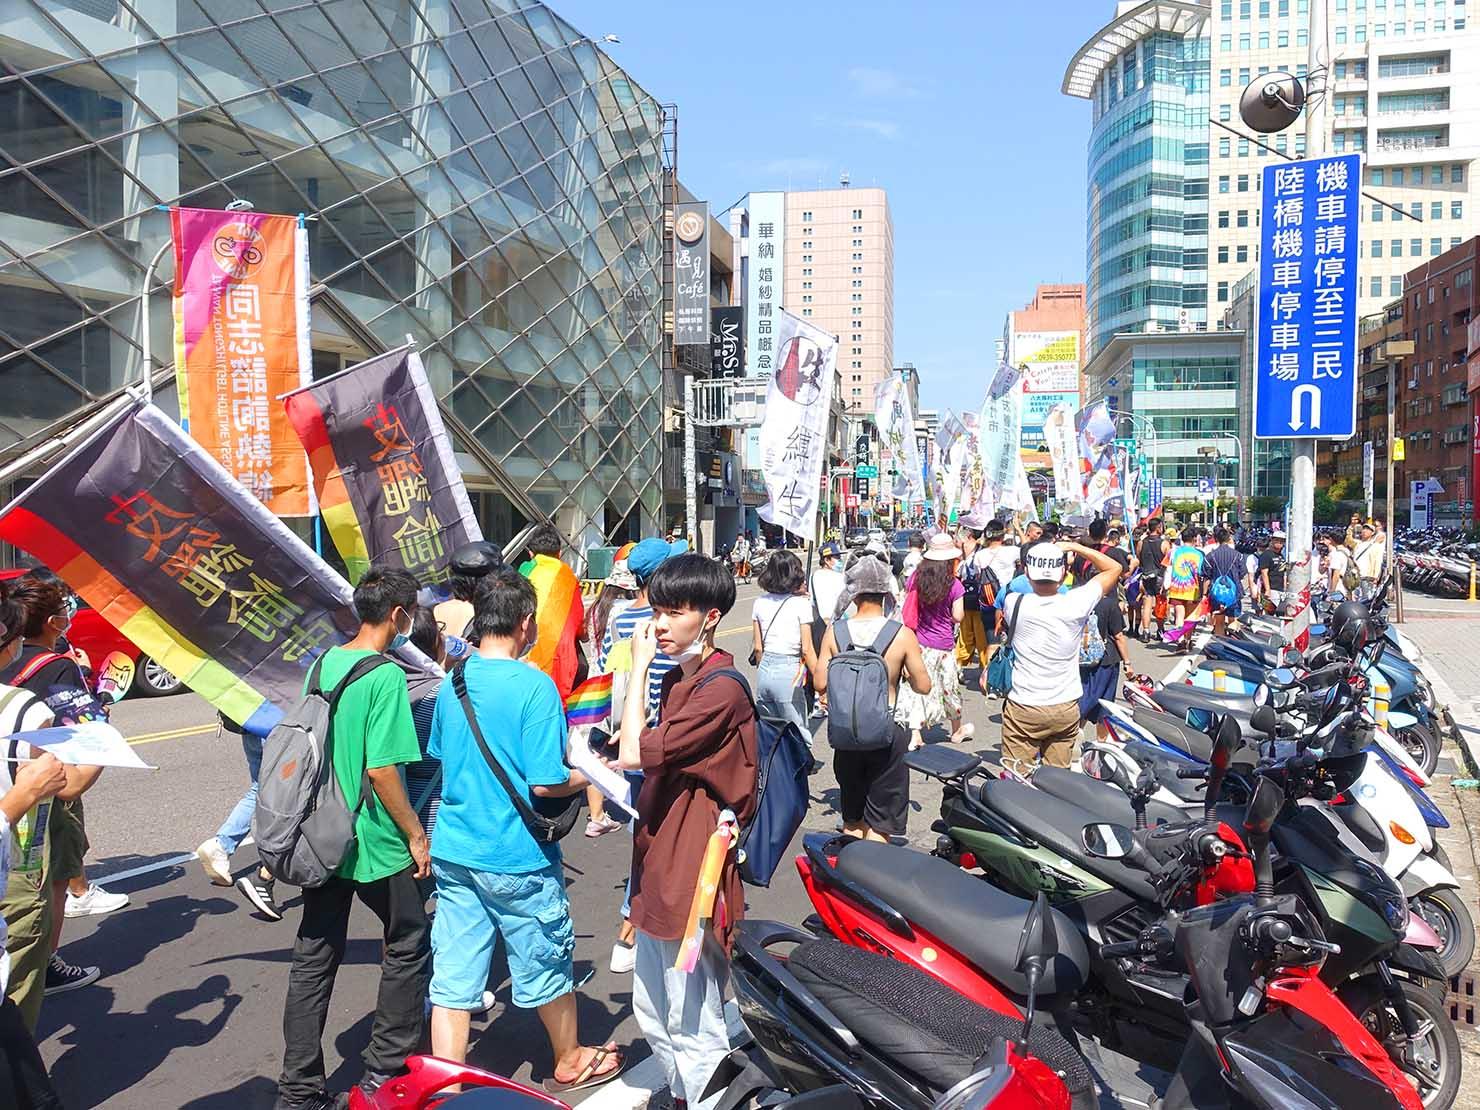 台湾・桃園のLGBTプライド「桃園彩虹野餐日」2020のパレード隊列を沿道から